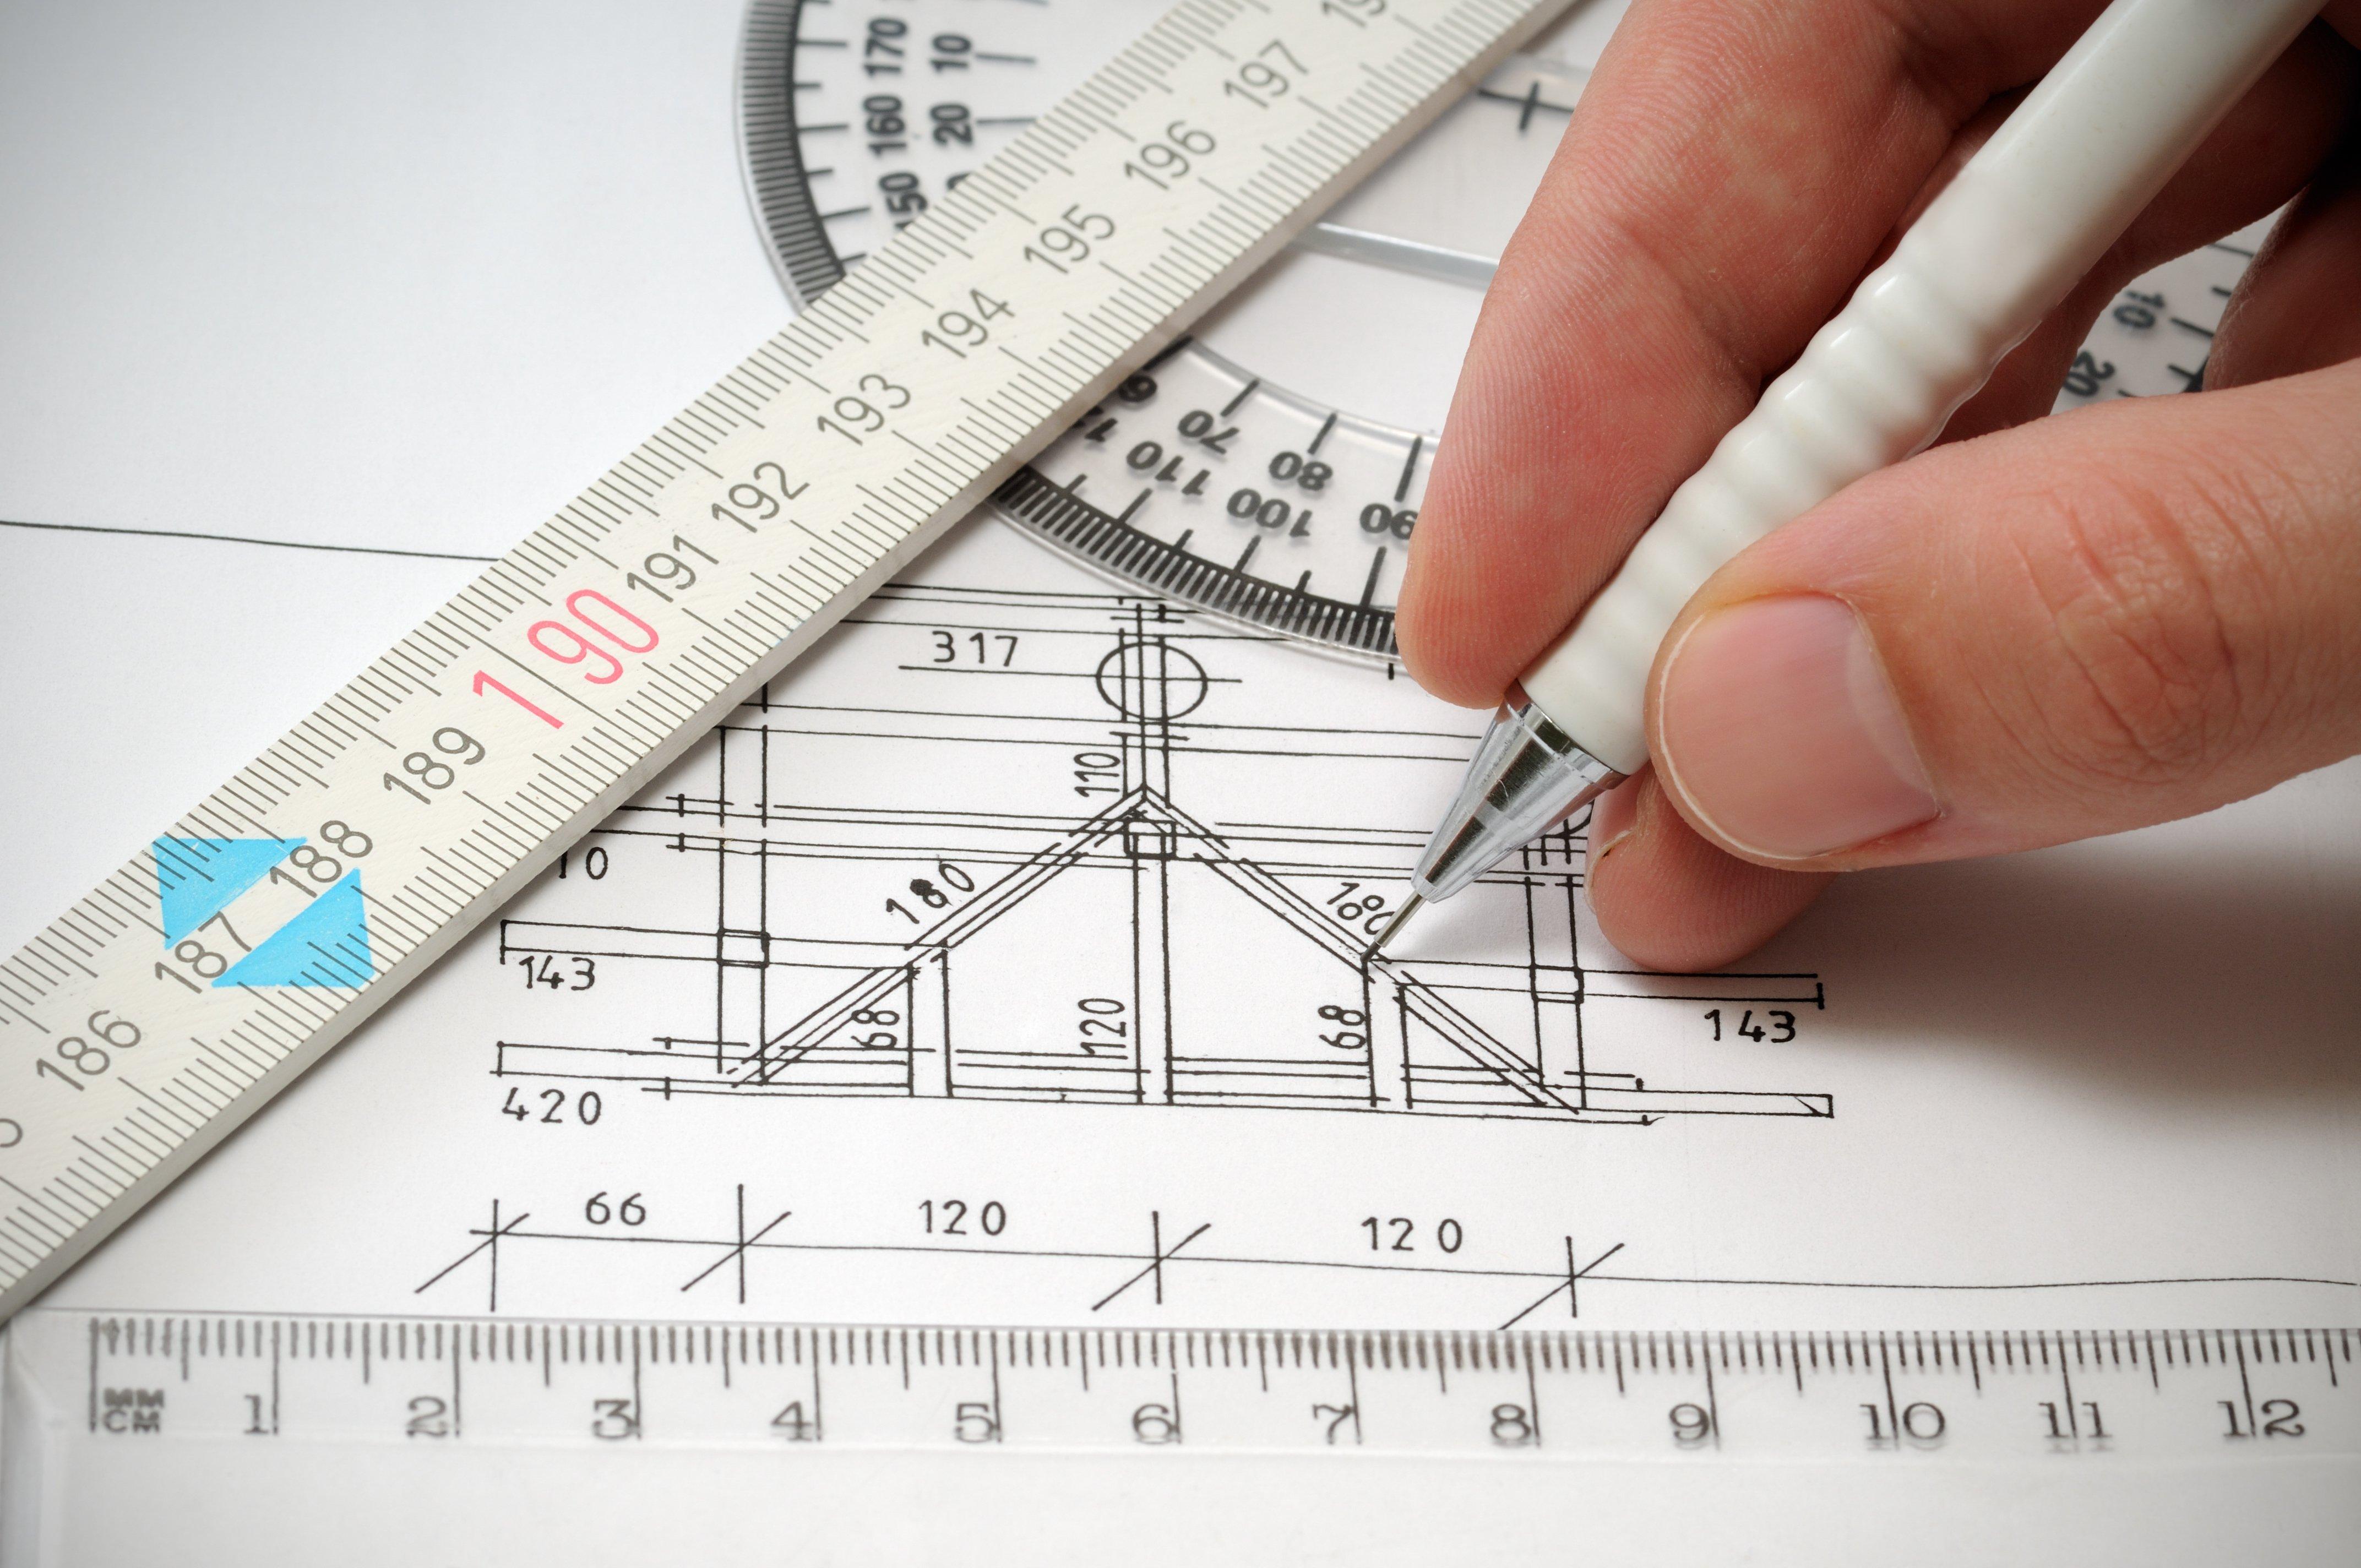 استخدام طراح و نقشه کش صنعتی در یک شرکت معتبر در تهرا